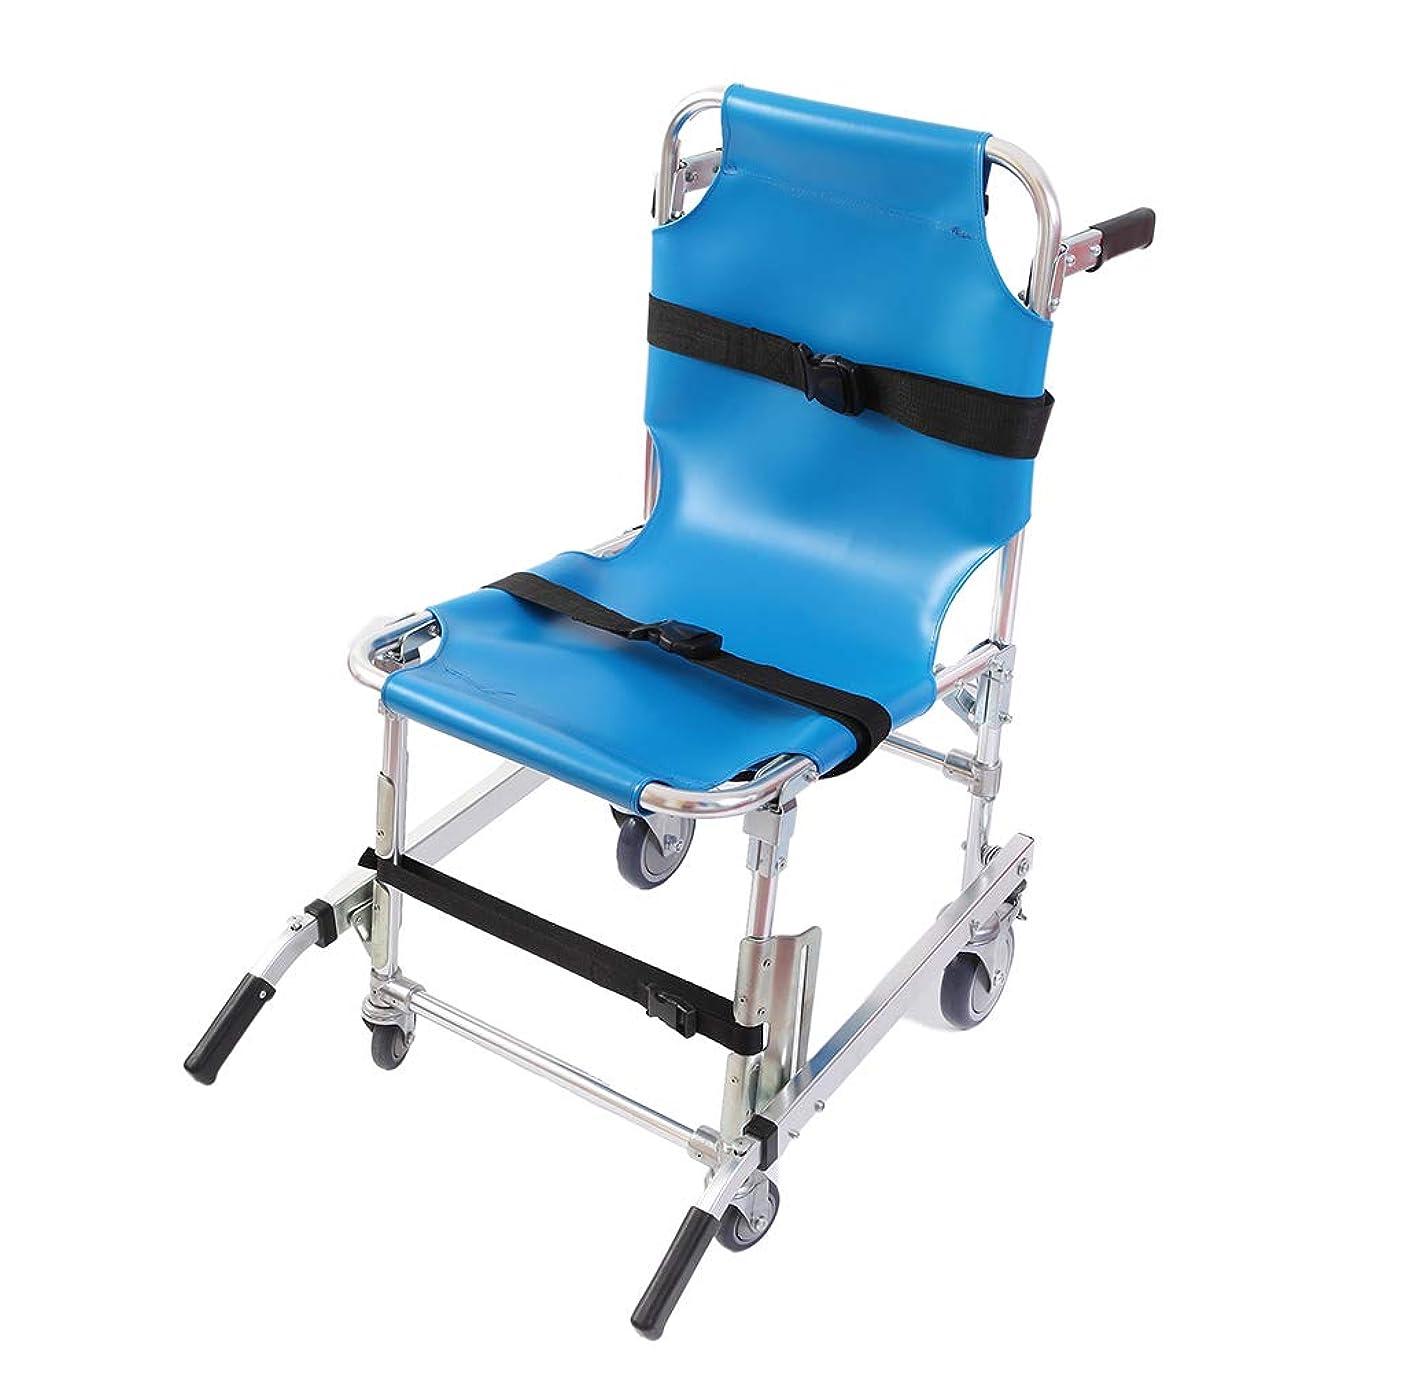 衝動近似スパークアルミ軽量EMS階段椅子緊急避難医療リフト階段椅子クイックリリースバックル付き、ブルー